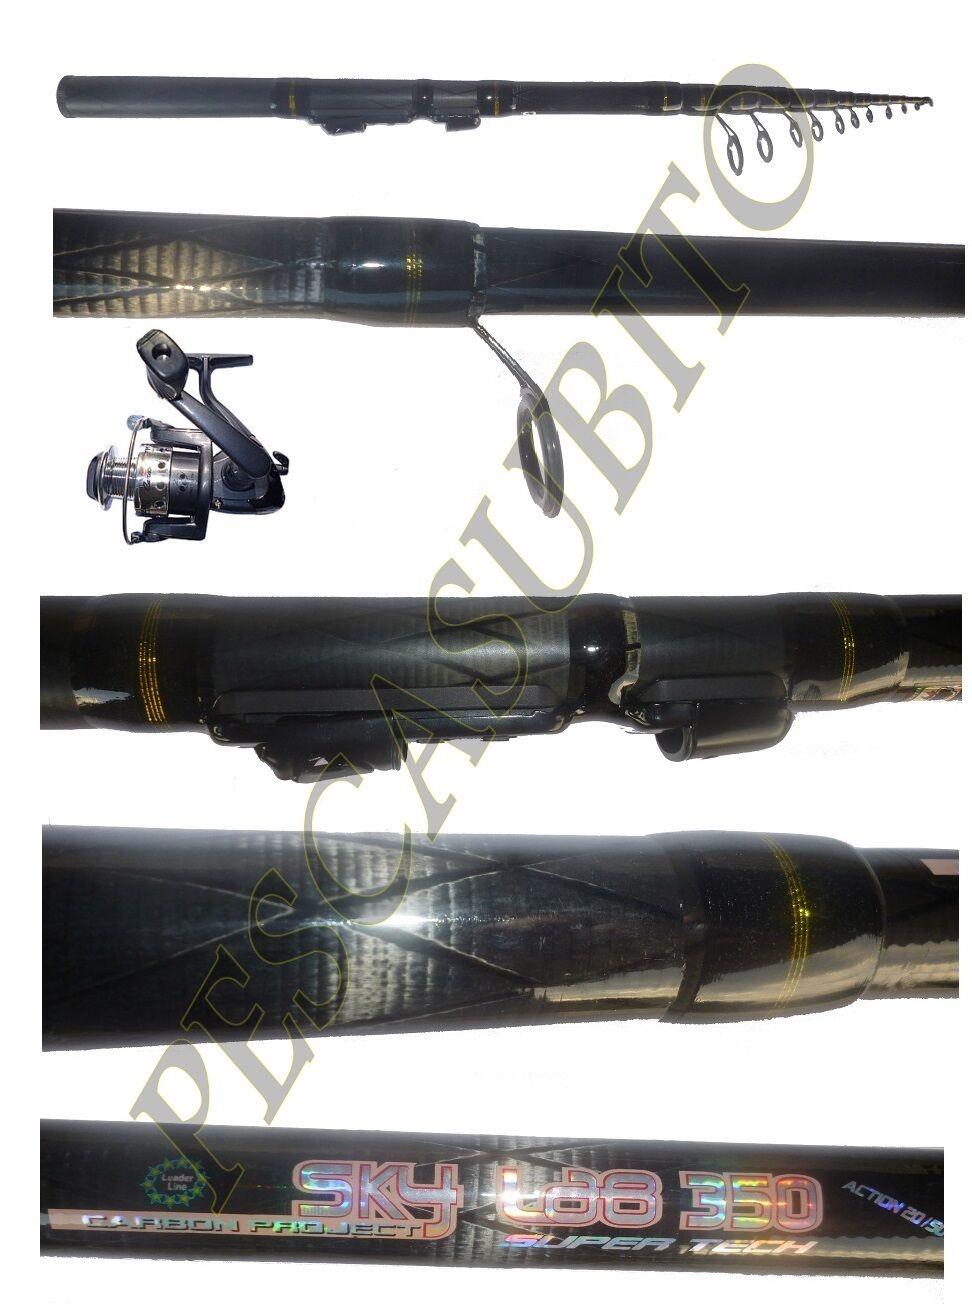 Kit canna cielolab 3,50m  mulinello pesca bolognese fondo mare lago fiume trossoa